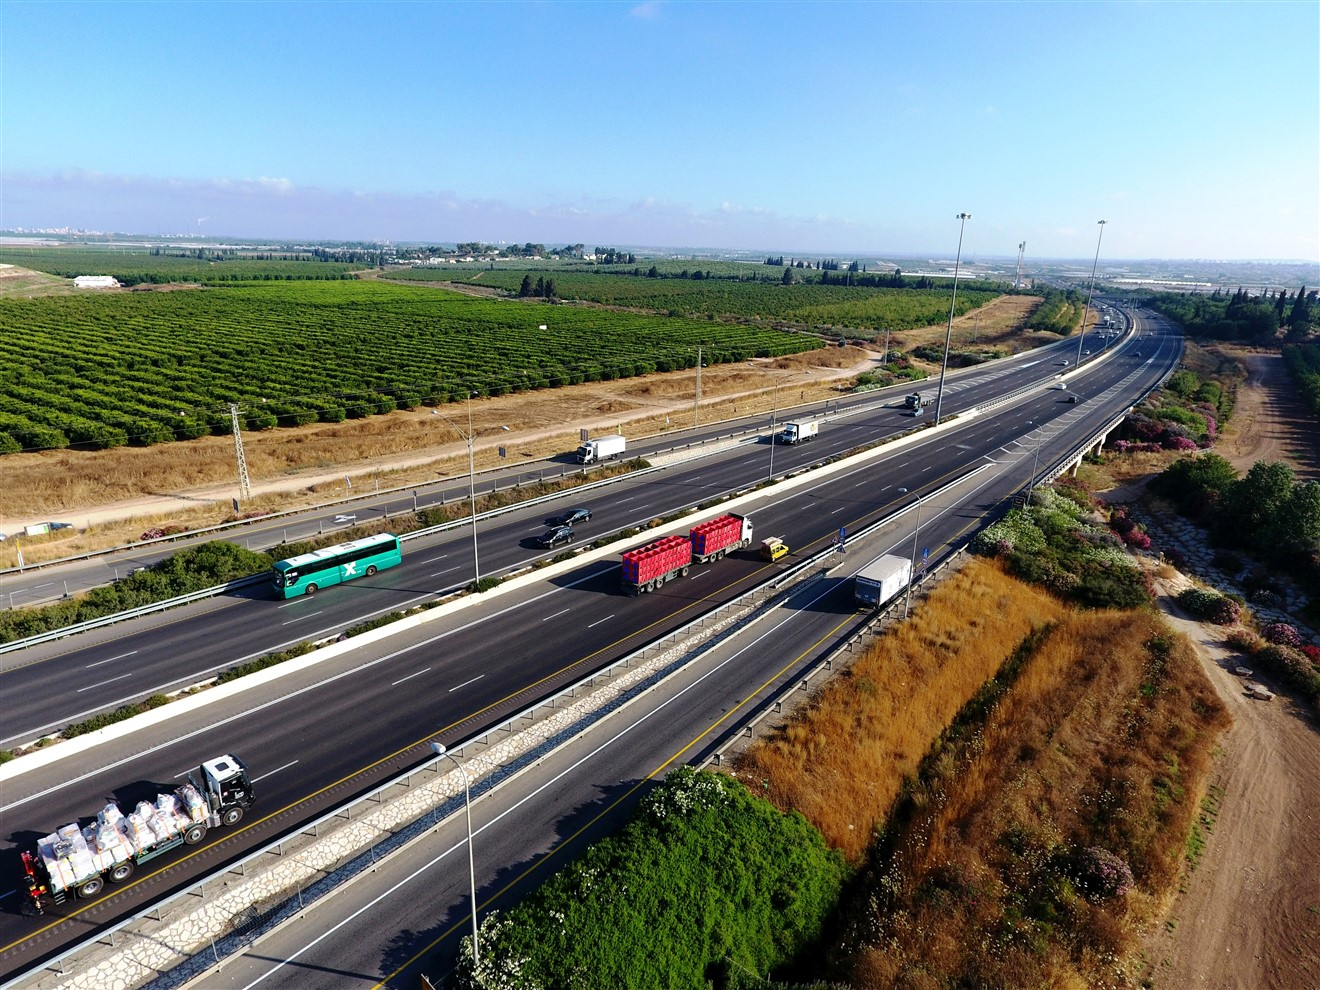 כביש 6 (צילום: דב גרינבלט, החברה להגנת הטבע)